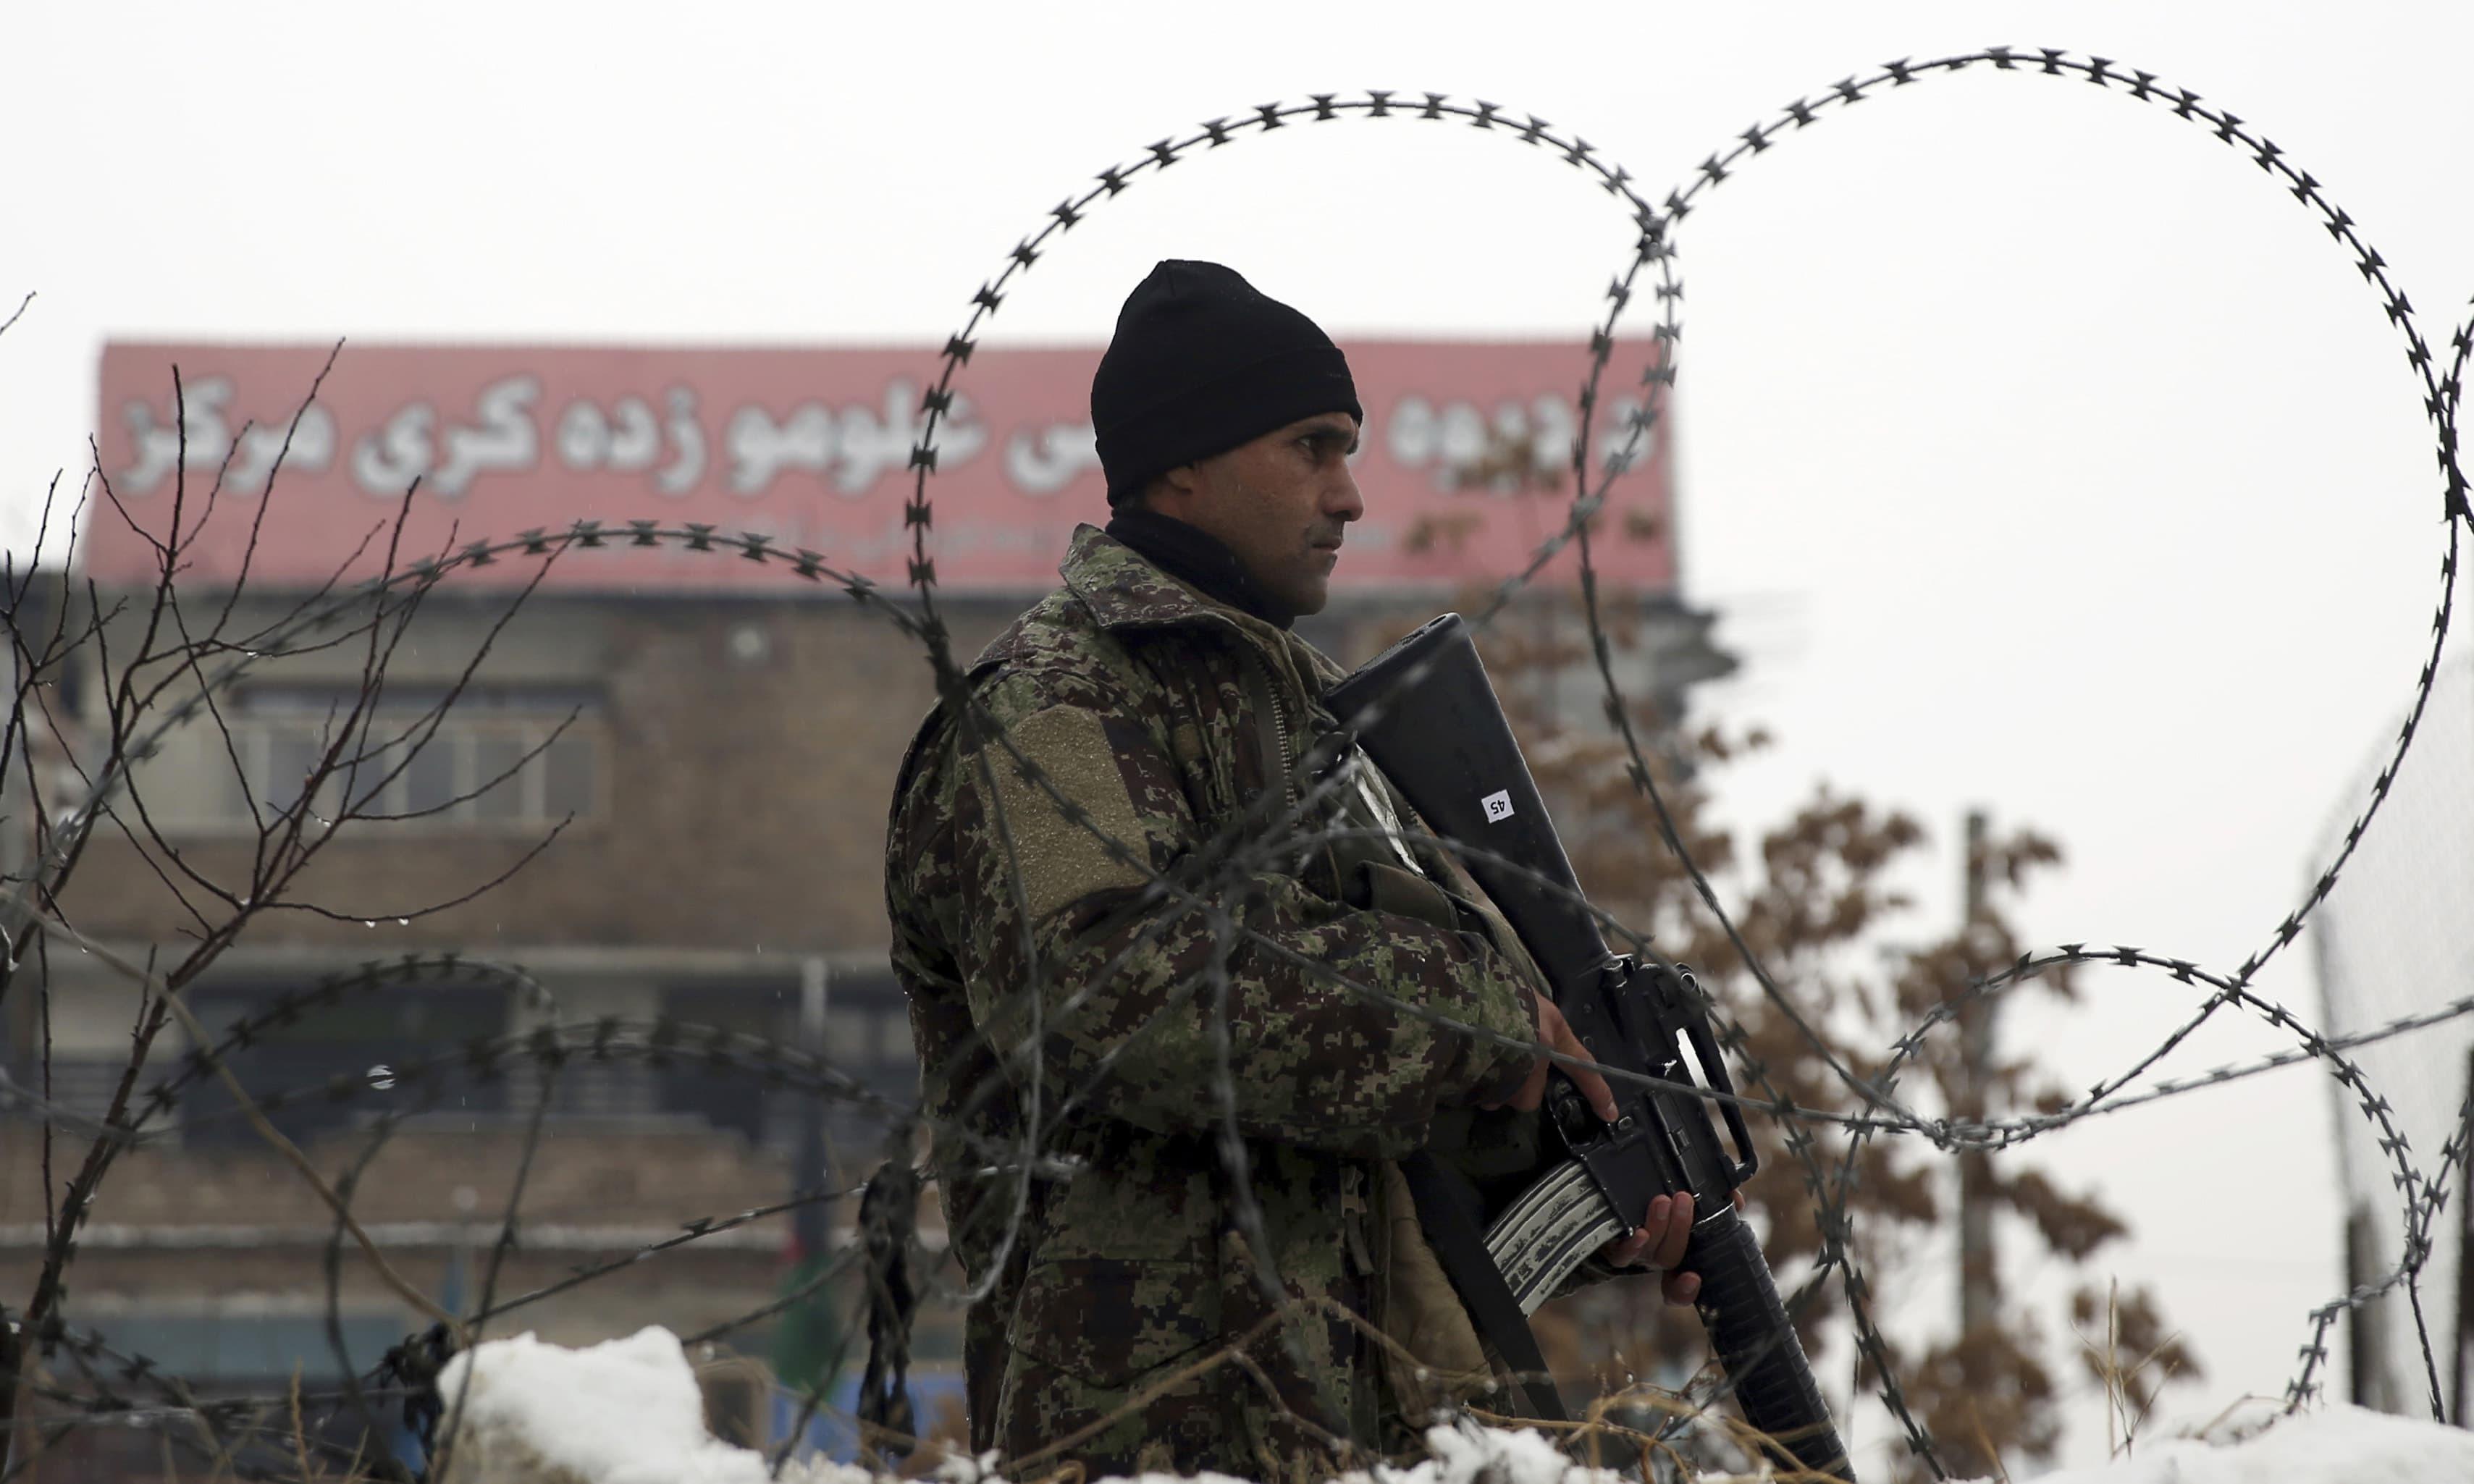 طالبان نے حملے کی ذمہ داری قبول کرلی — فائل فوٹو / اے ایف پی